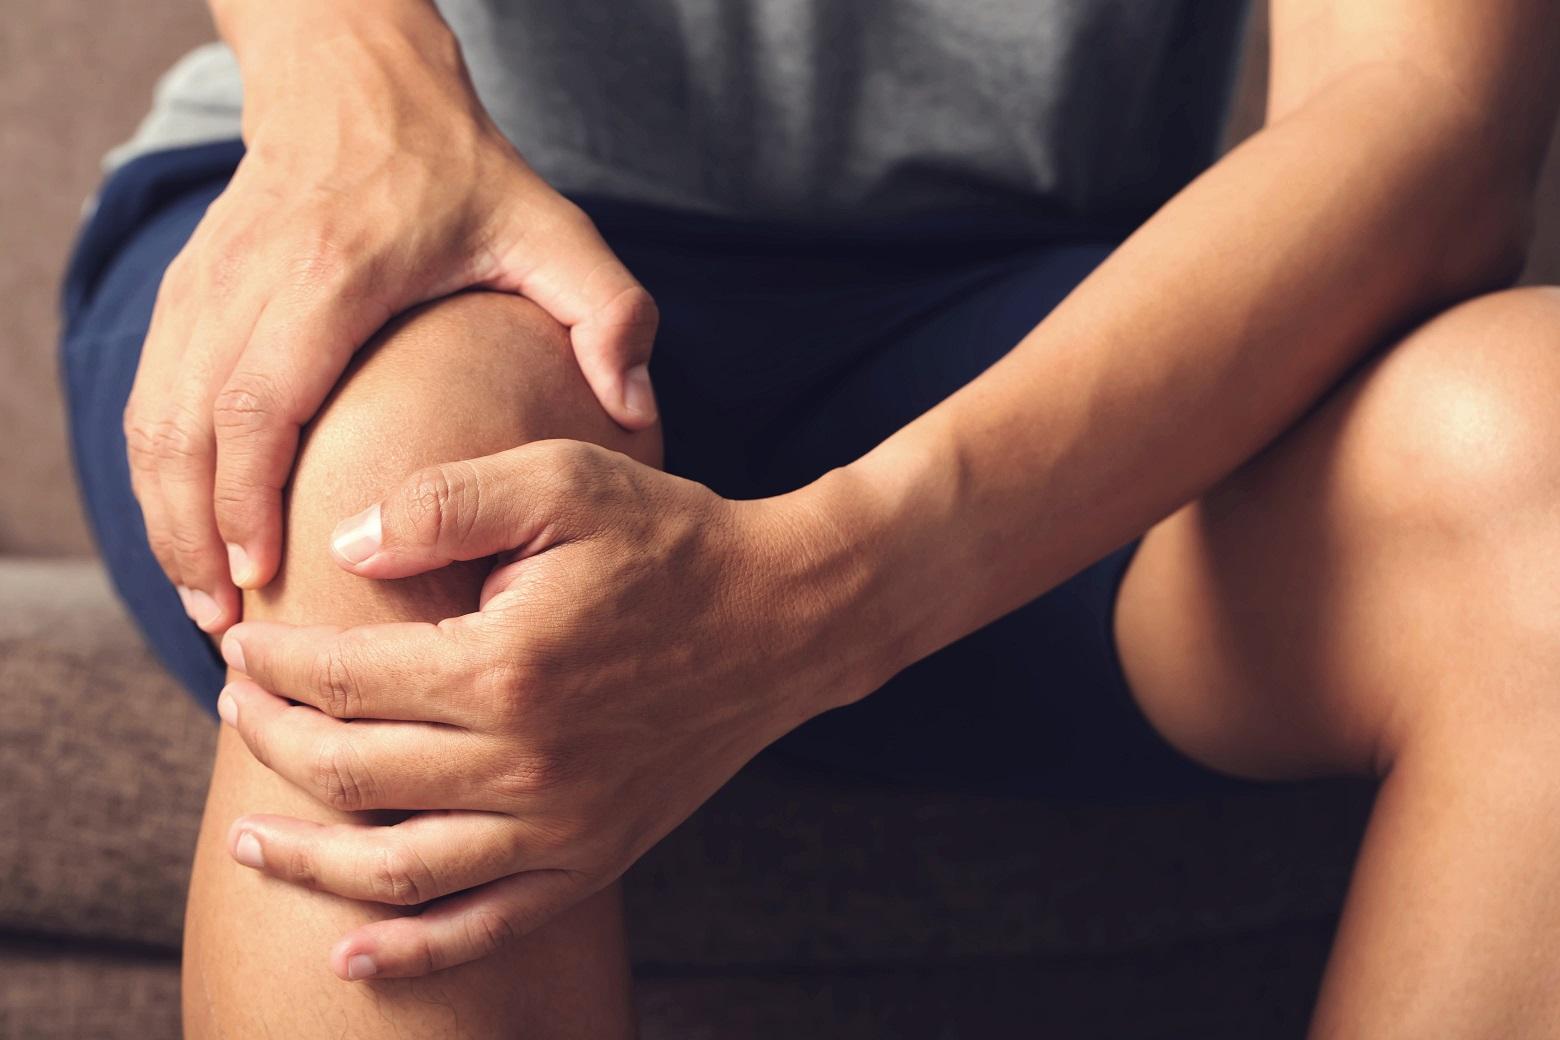 Pandemia e osteoporose: sedentarismo aumenta o risco de perda muscular e fraturas